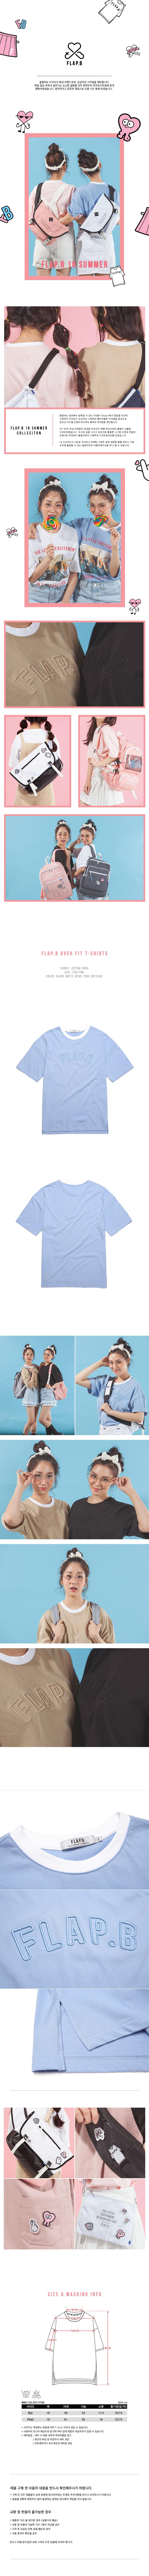 [플랩비]FLAPB - FLAP.B OVERFIT T-SHIRTS (SKY BLUE)★와펜증정★ 반팔 반팔티 티셔츠 오버핏 트윈룩 무지티 플랩비티셔츠 자수티